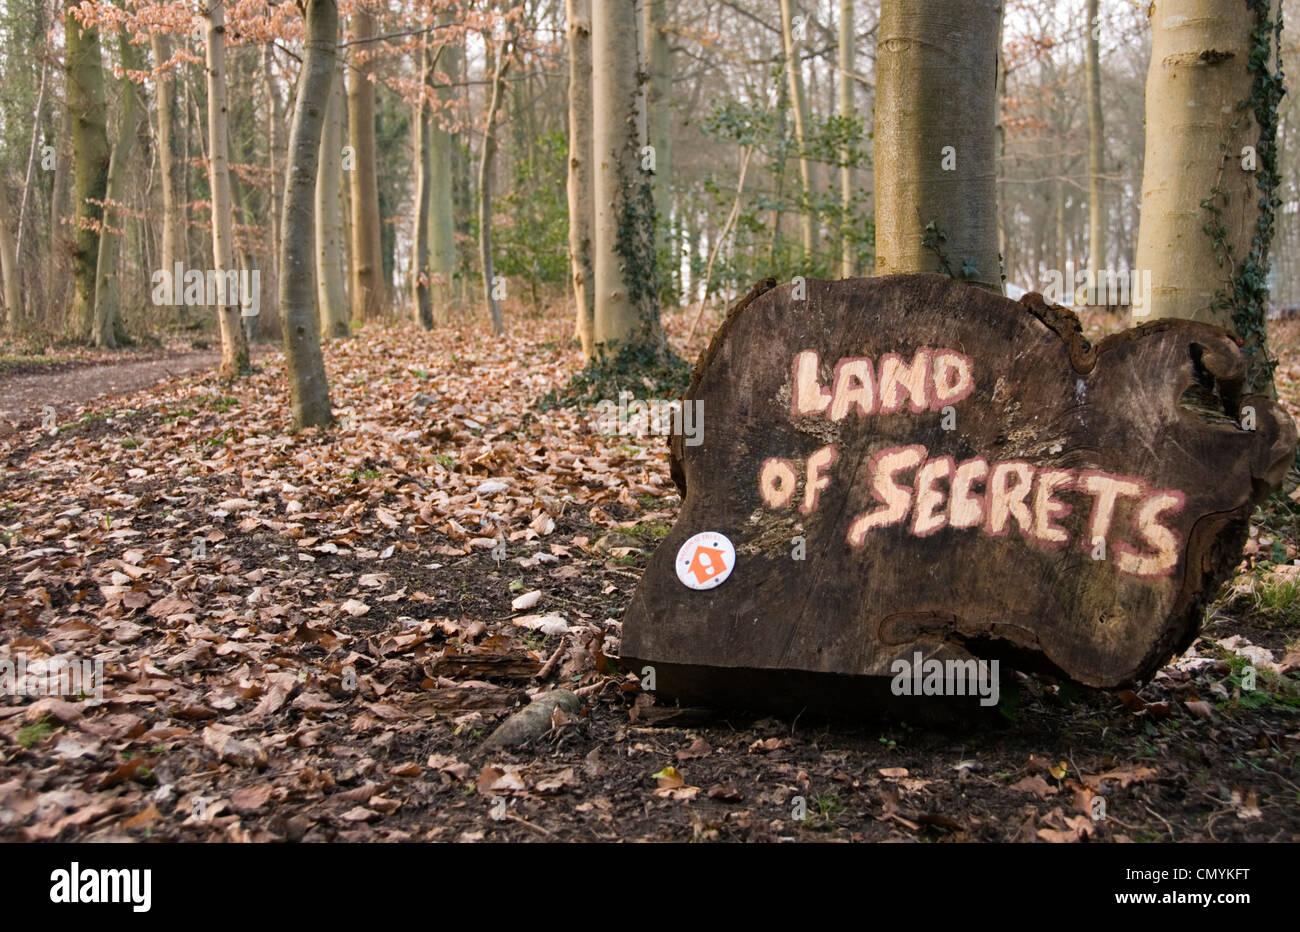 Land des Schreckens - Wald Wanderweg-Zeichen - mit einem Hauch von Geheimnis und Jugendliche Aufregung - Abenteuer. Stockbild